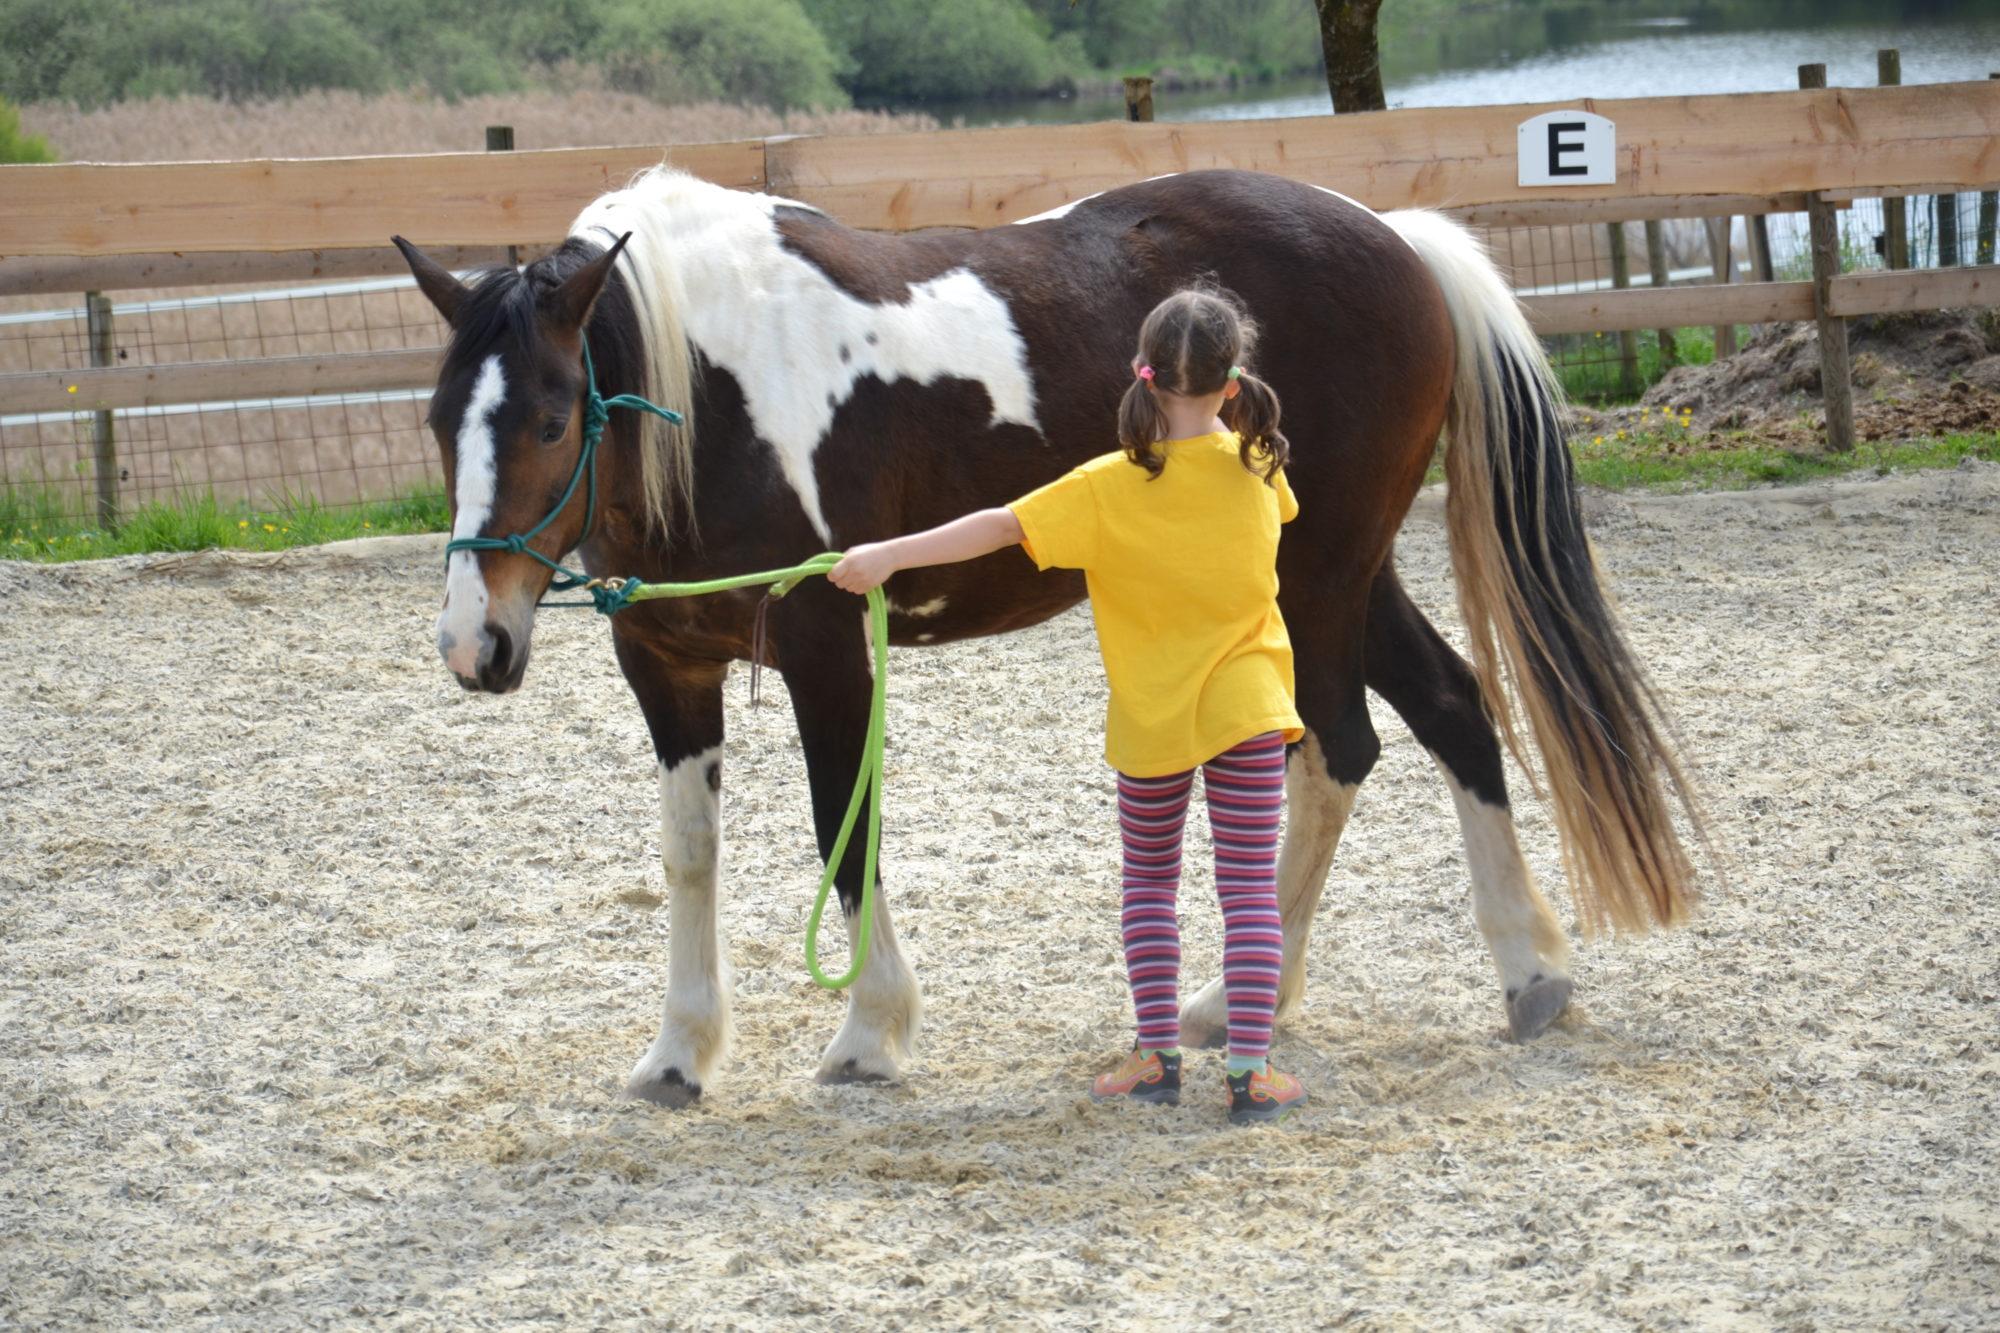 """Bodenarbeit im Kurs """"Erlebnis Pferd"""" für Kinder in Regensburg"""